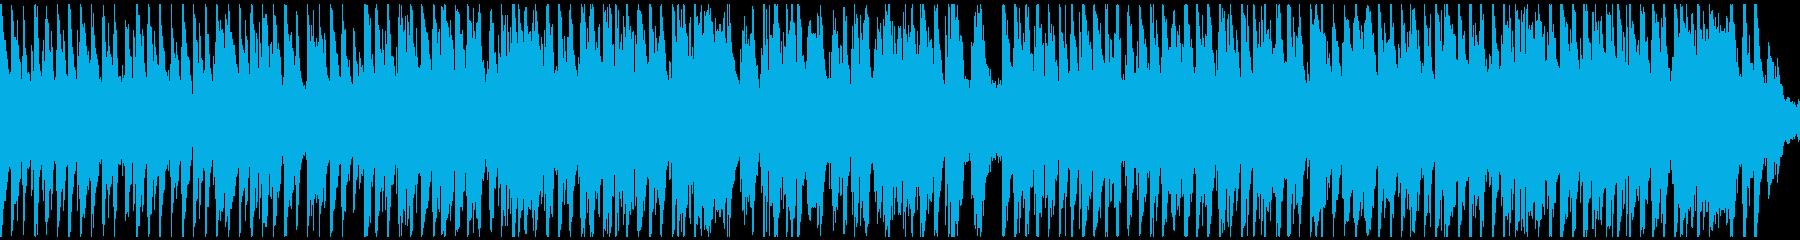 【ループ対応】癒し 優しいアコギソロの再生済みの波形